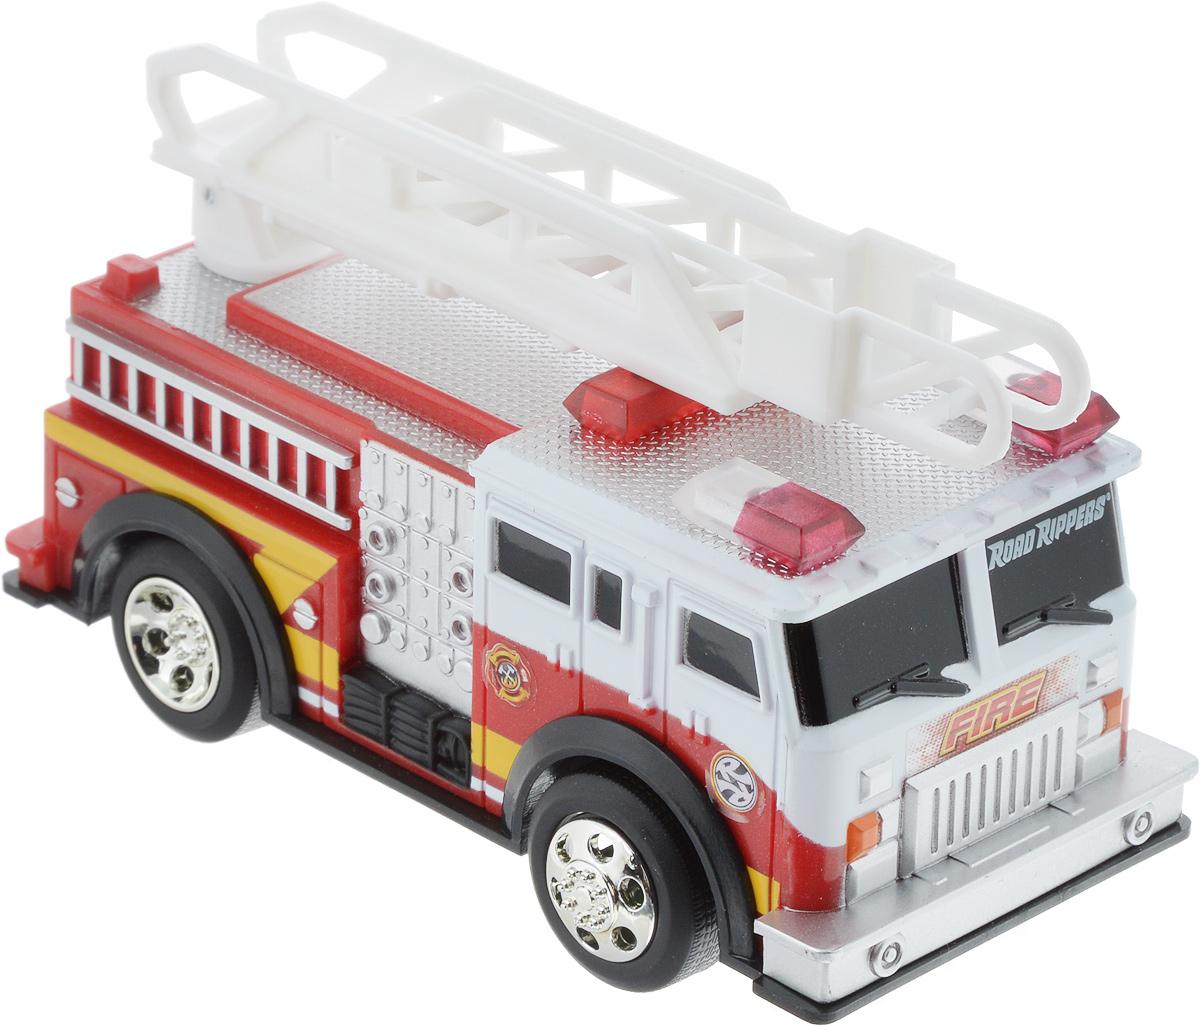 Toystate Машина Спецслужба Пожарная toystate машина с мотоциклом квадроциклом на прицепе цвет красный